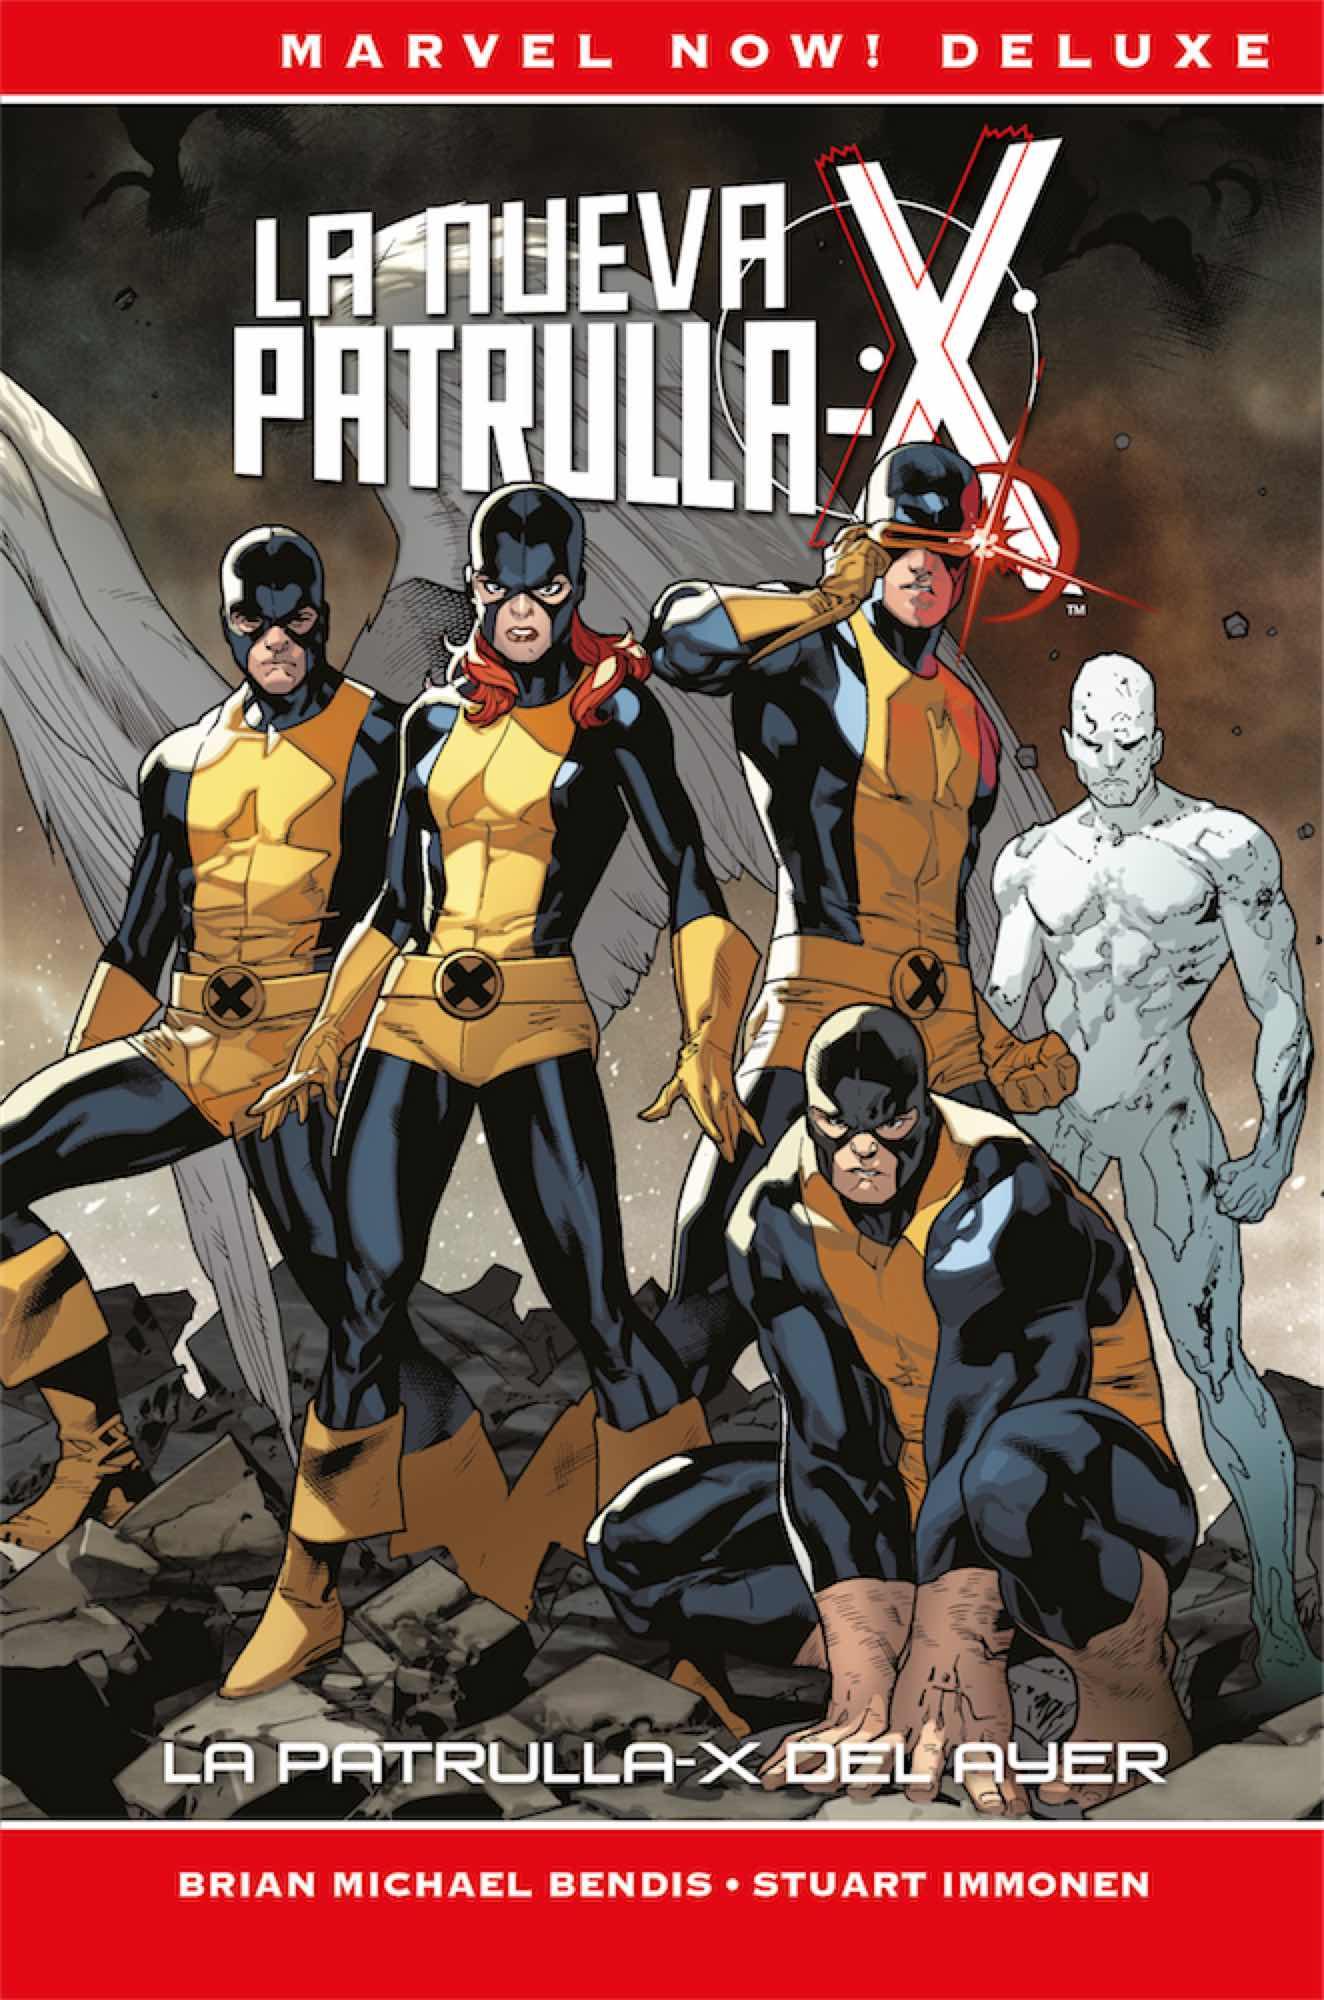 LA NUEVA PATRULLA-X. LA PATRULLA-X DEL AYER (MARVEL NOW! DELUXE)